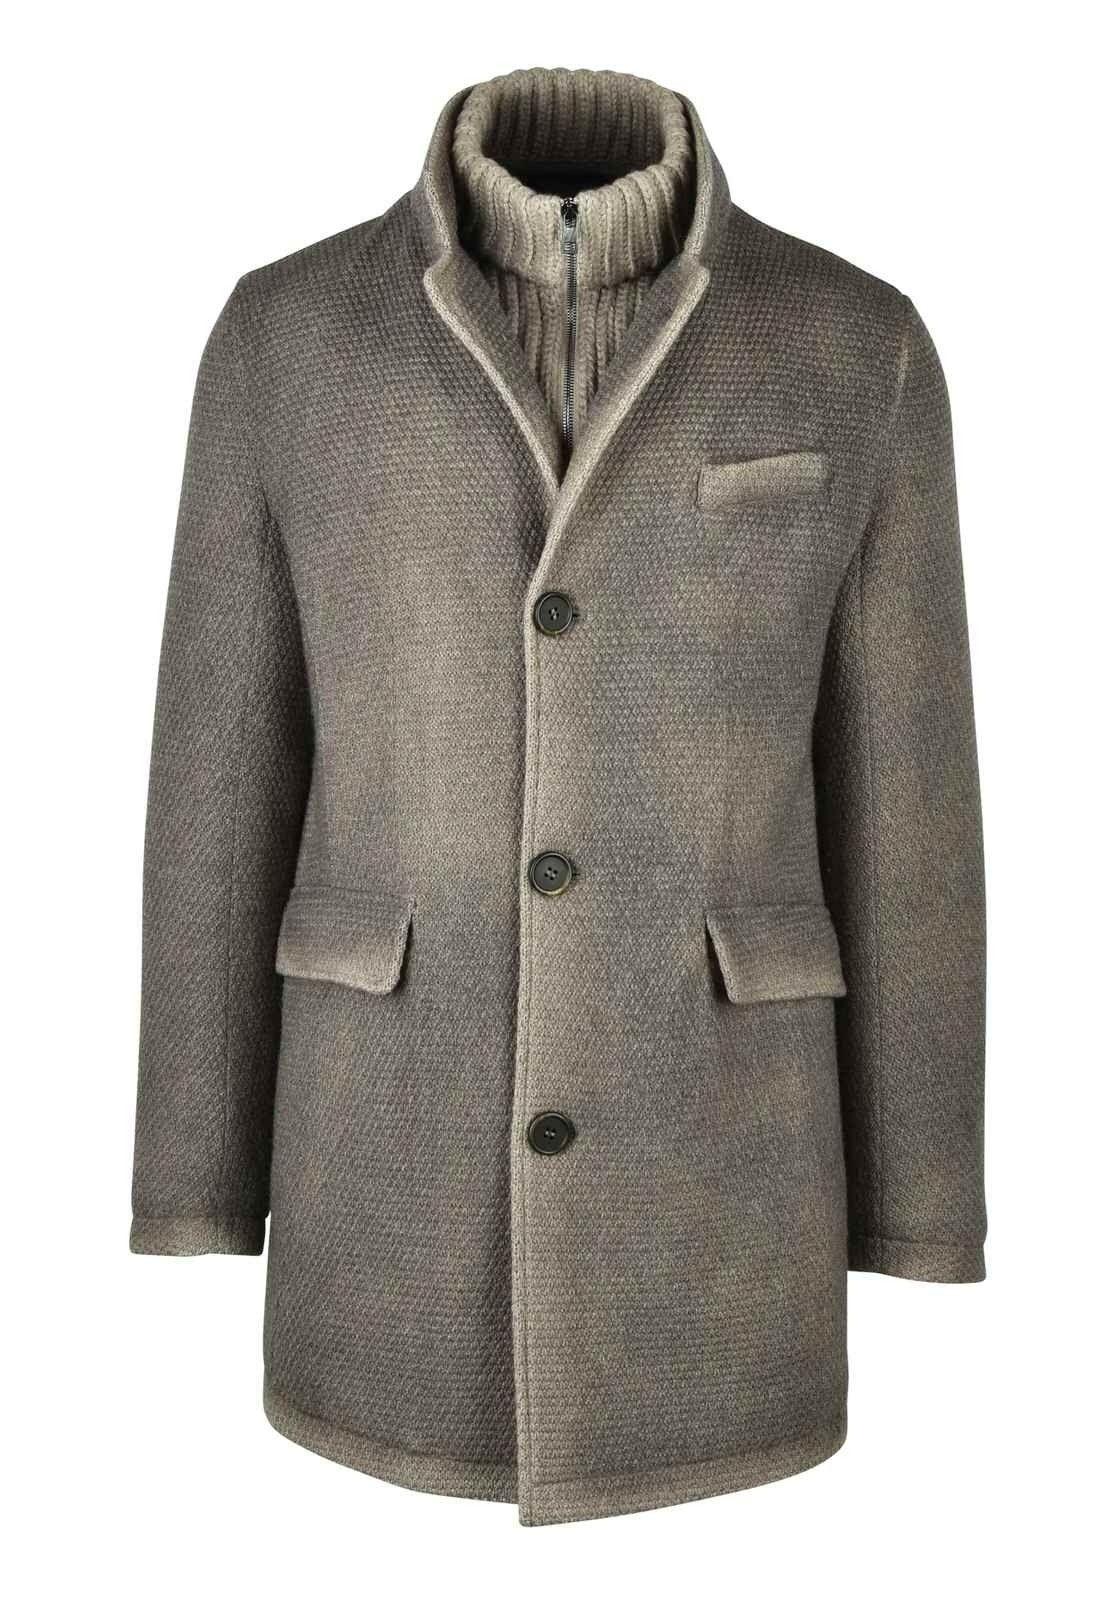 GIMO´S - Herren Mantel - Stoffmantel mit Zip-Rollneck Kragen - Vintage Grey